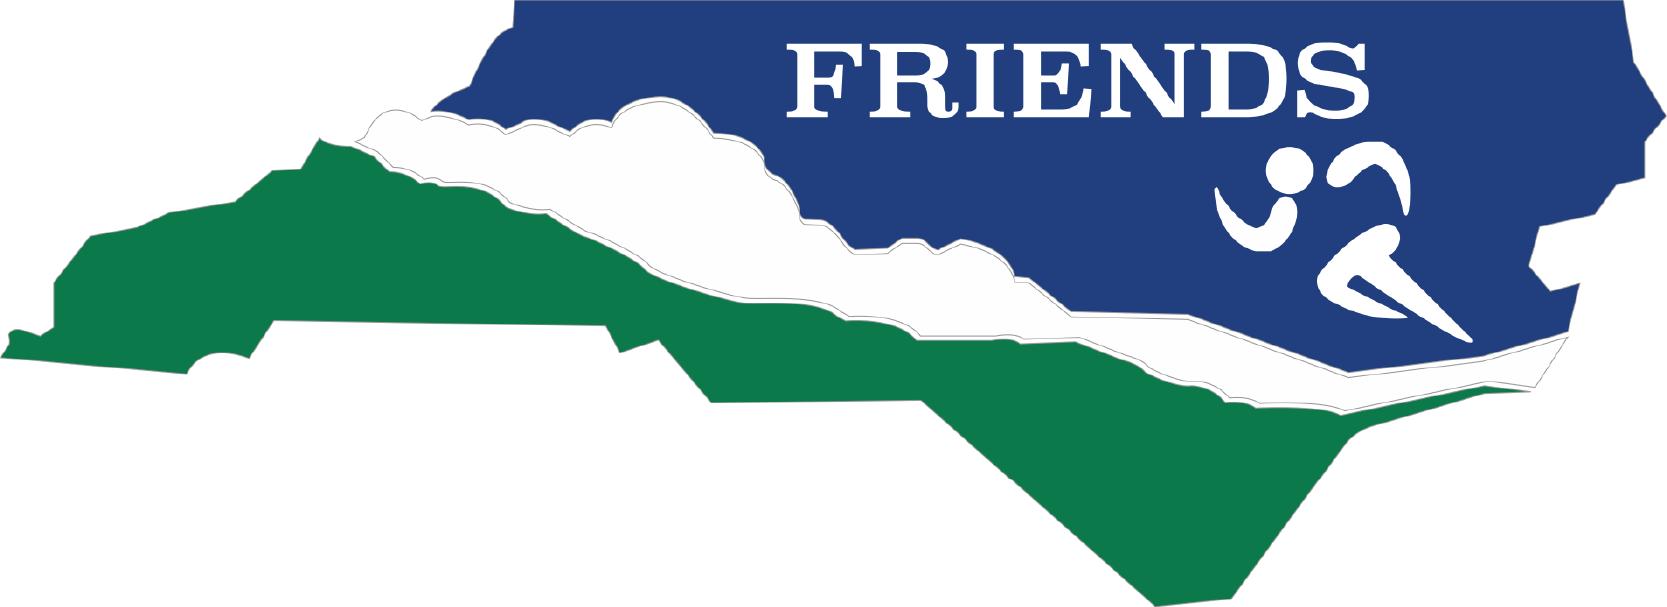 Friendslogocheck.png